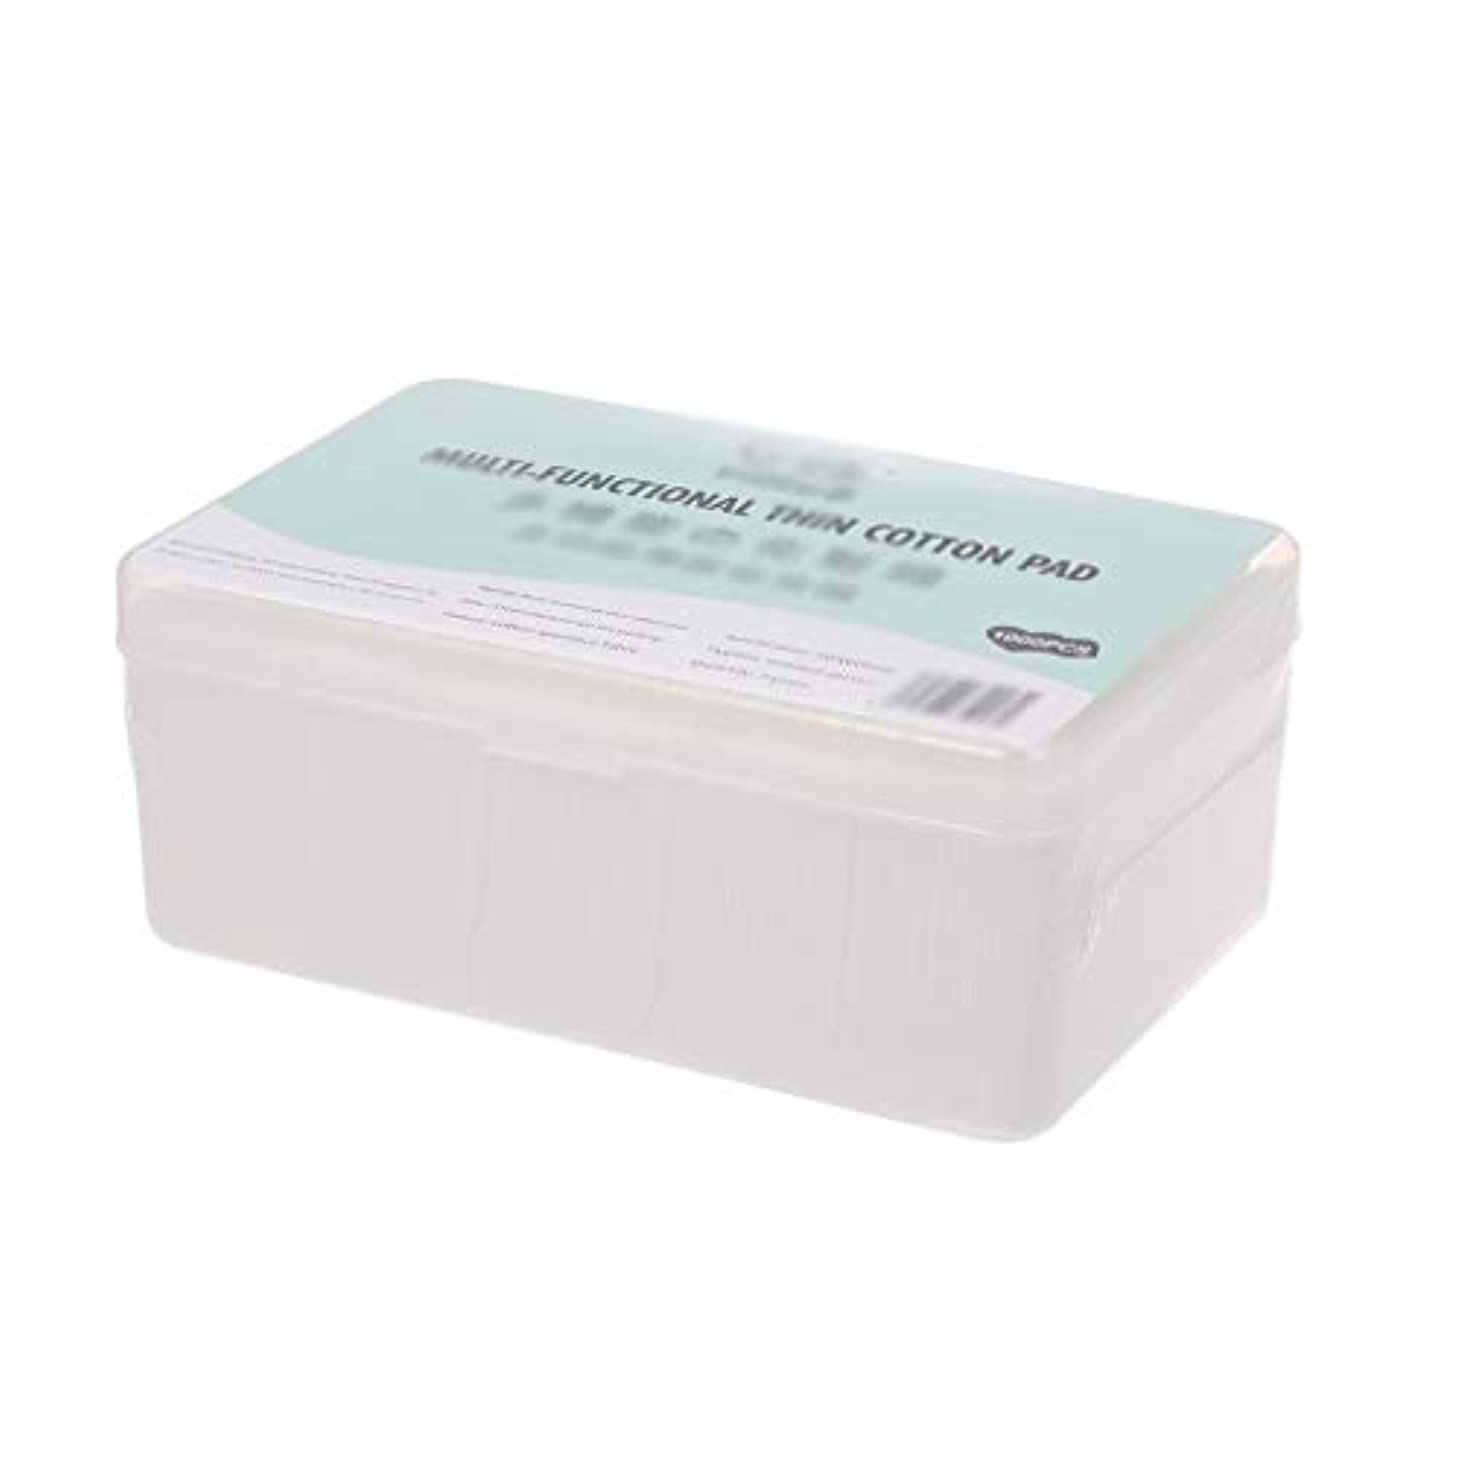 老朽化したマットレス追い払うクレンジングシート 1000ピース箱入り使い捨て超薄型コットンメイク落としネイルポリッシュリムーバークレンジングティッシュペーパーペーパー (Color : White, サイズ : 5*6cm)